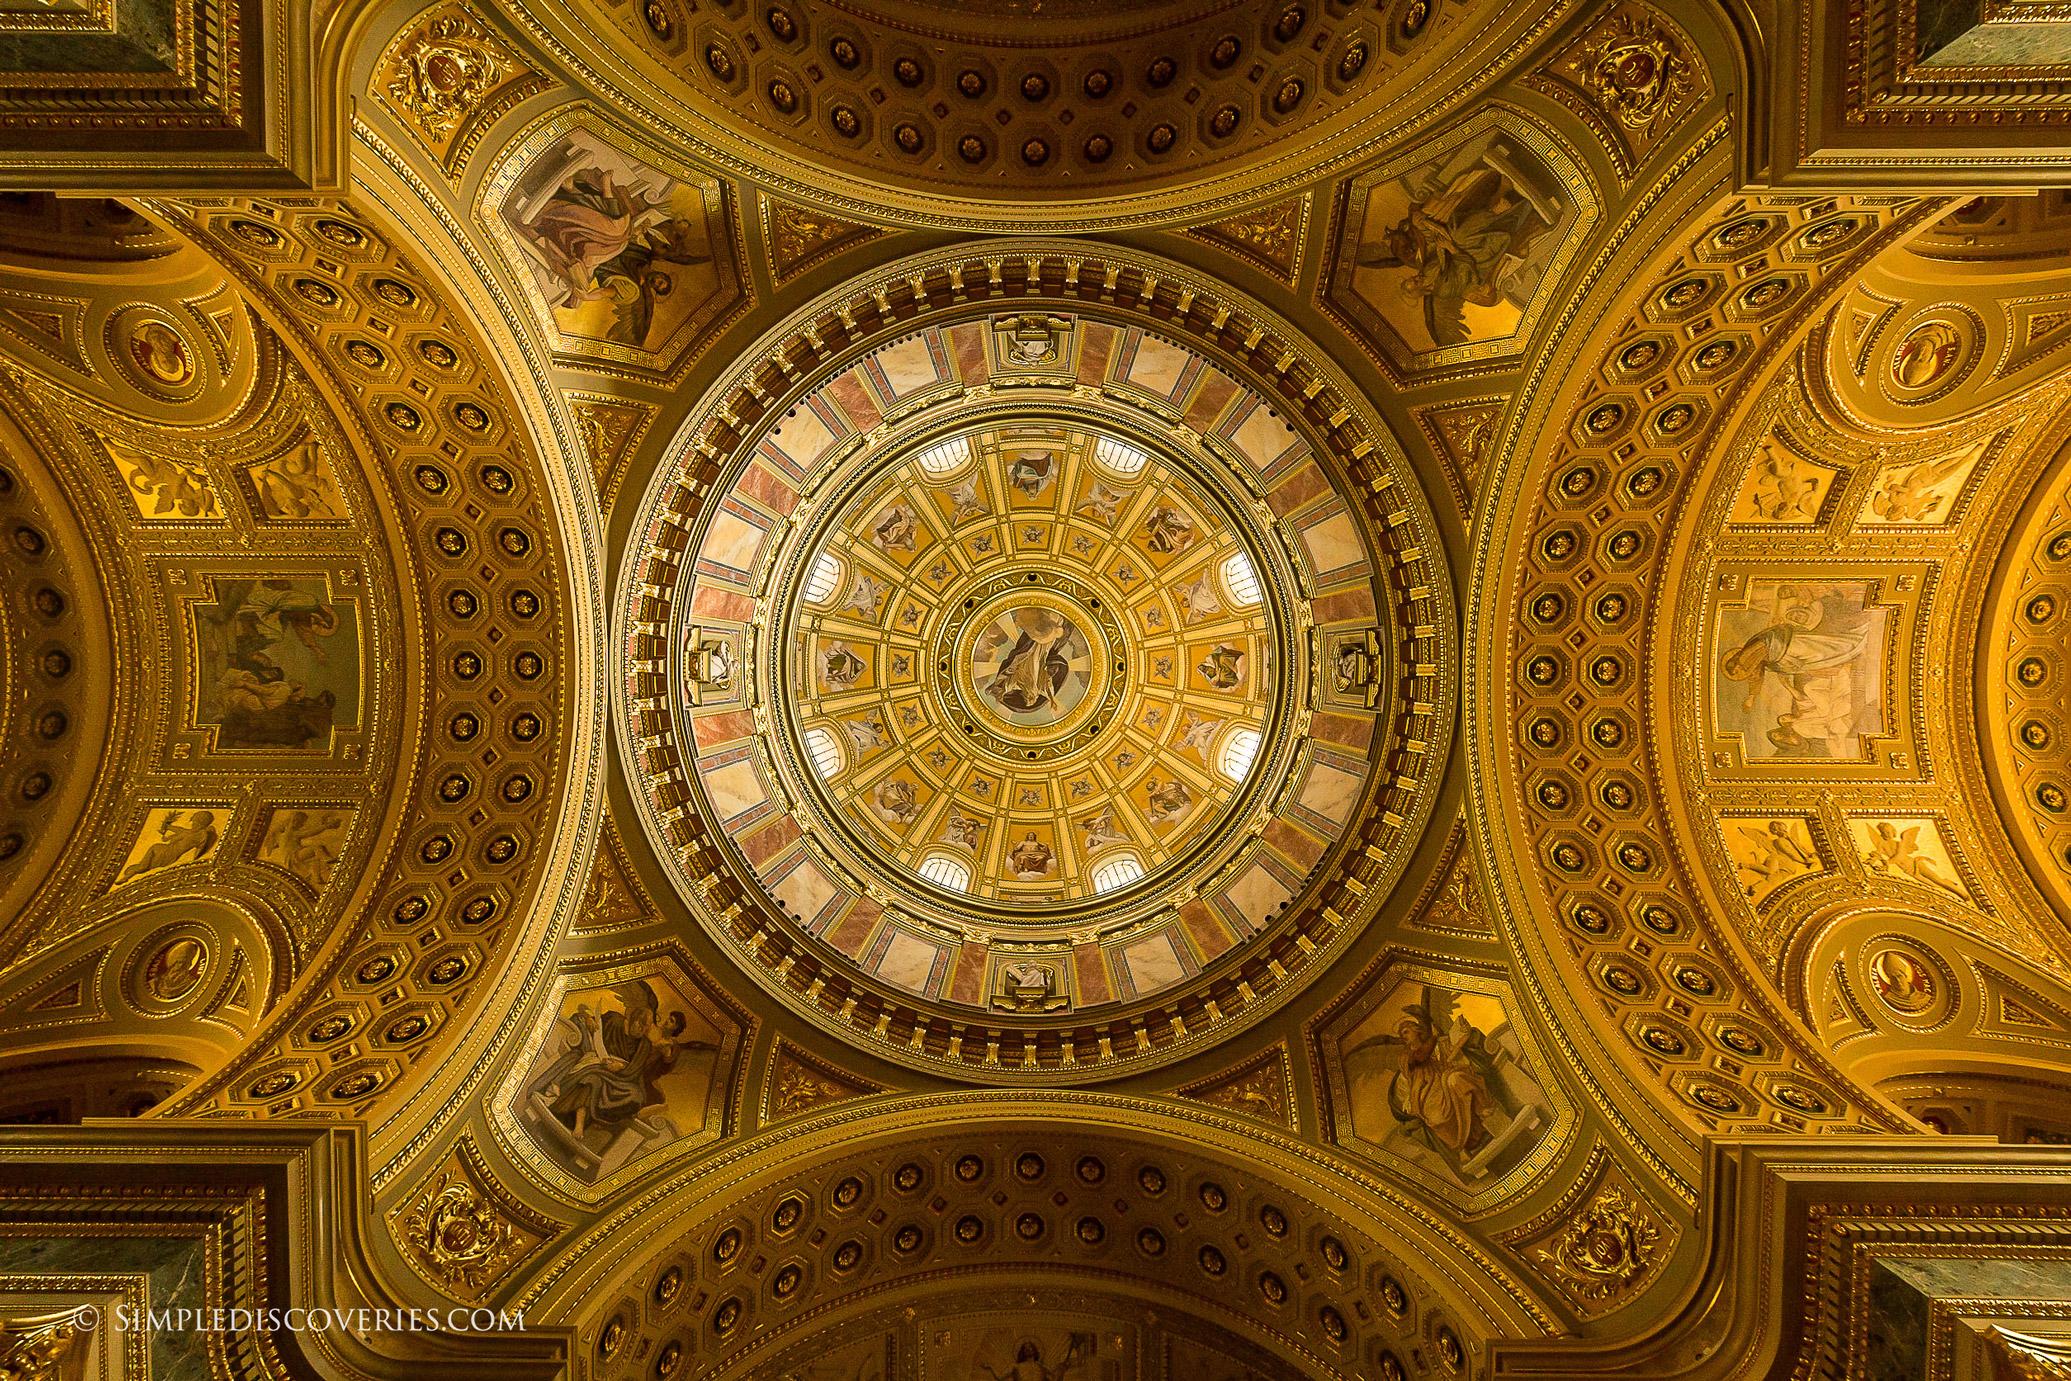 st_stephens_basilicia_ceiling_budapest